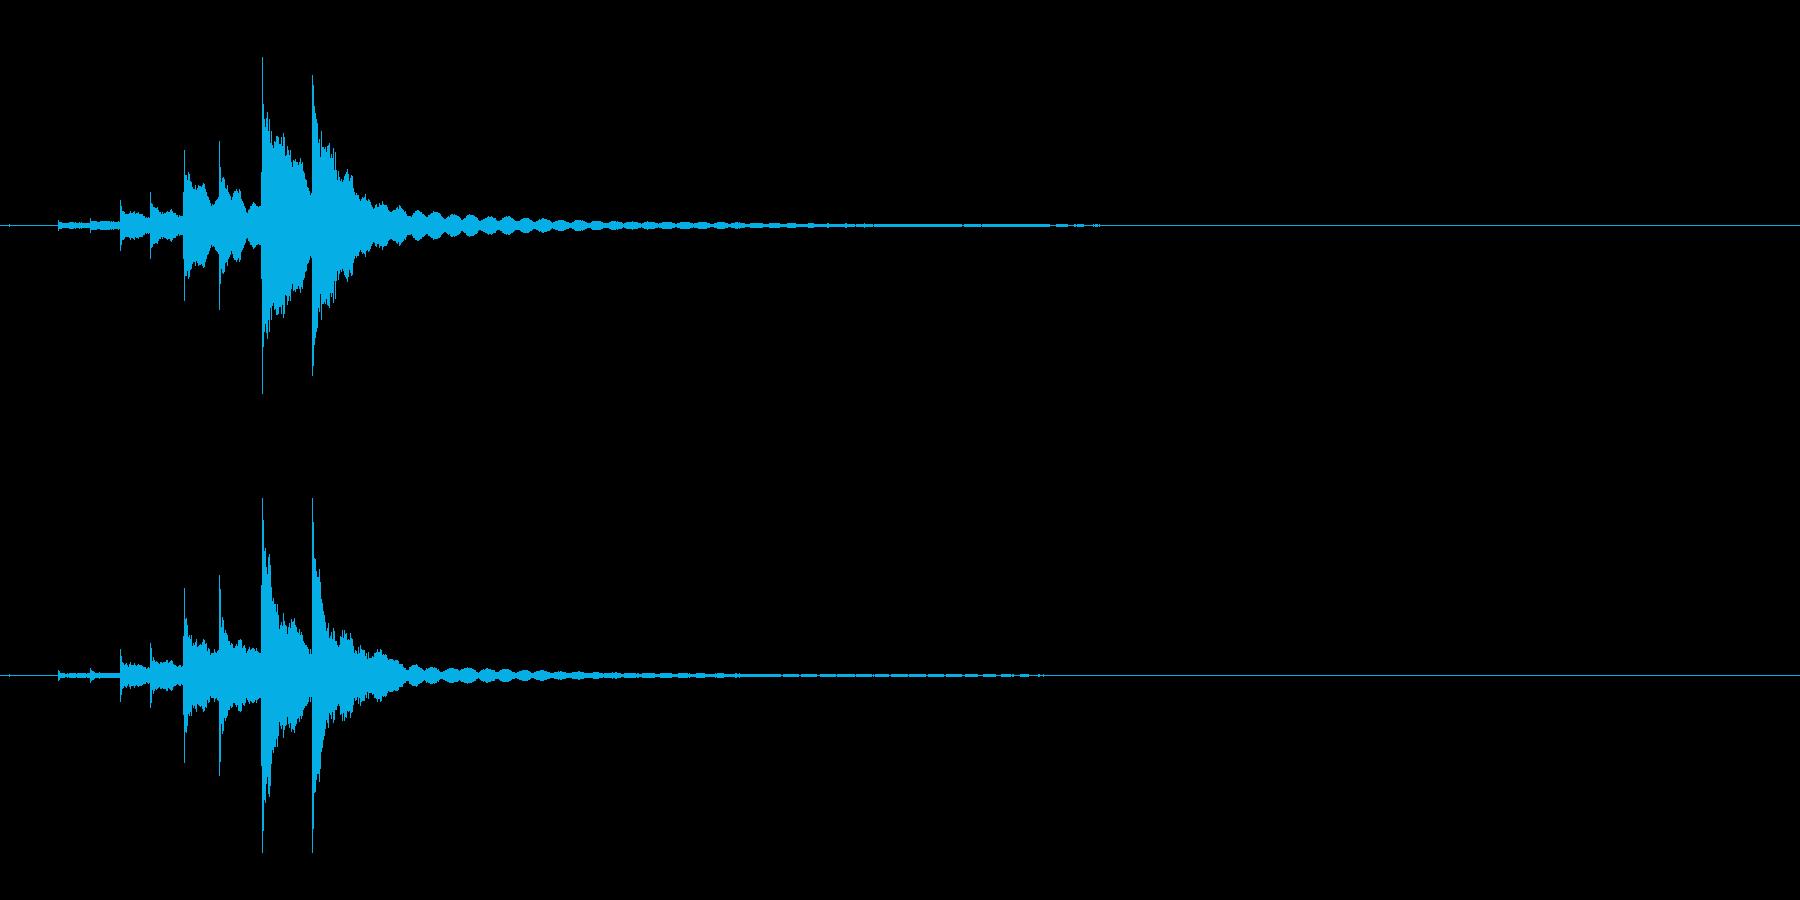 コンコンコーン和物打楽器きんの連続音Fxの再生済みの波形